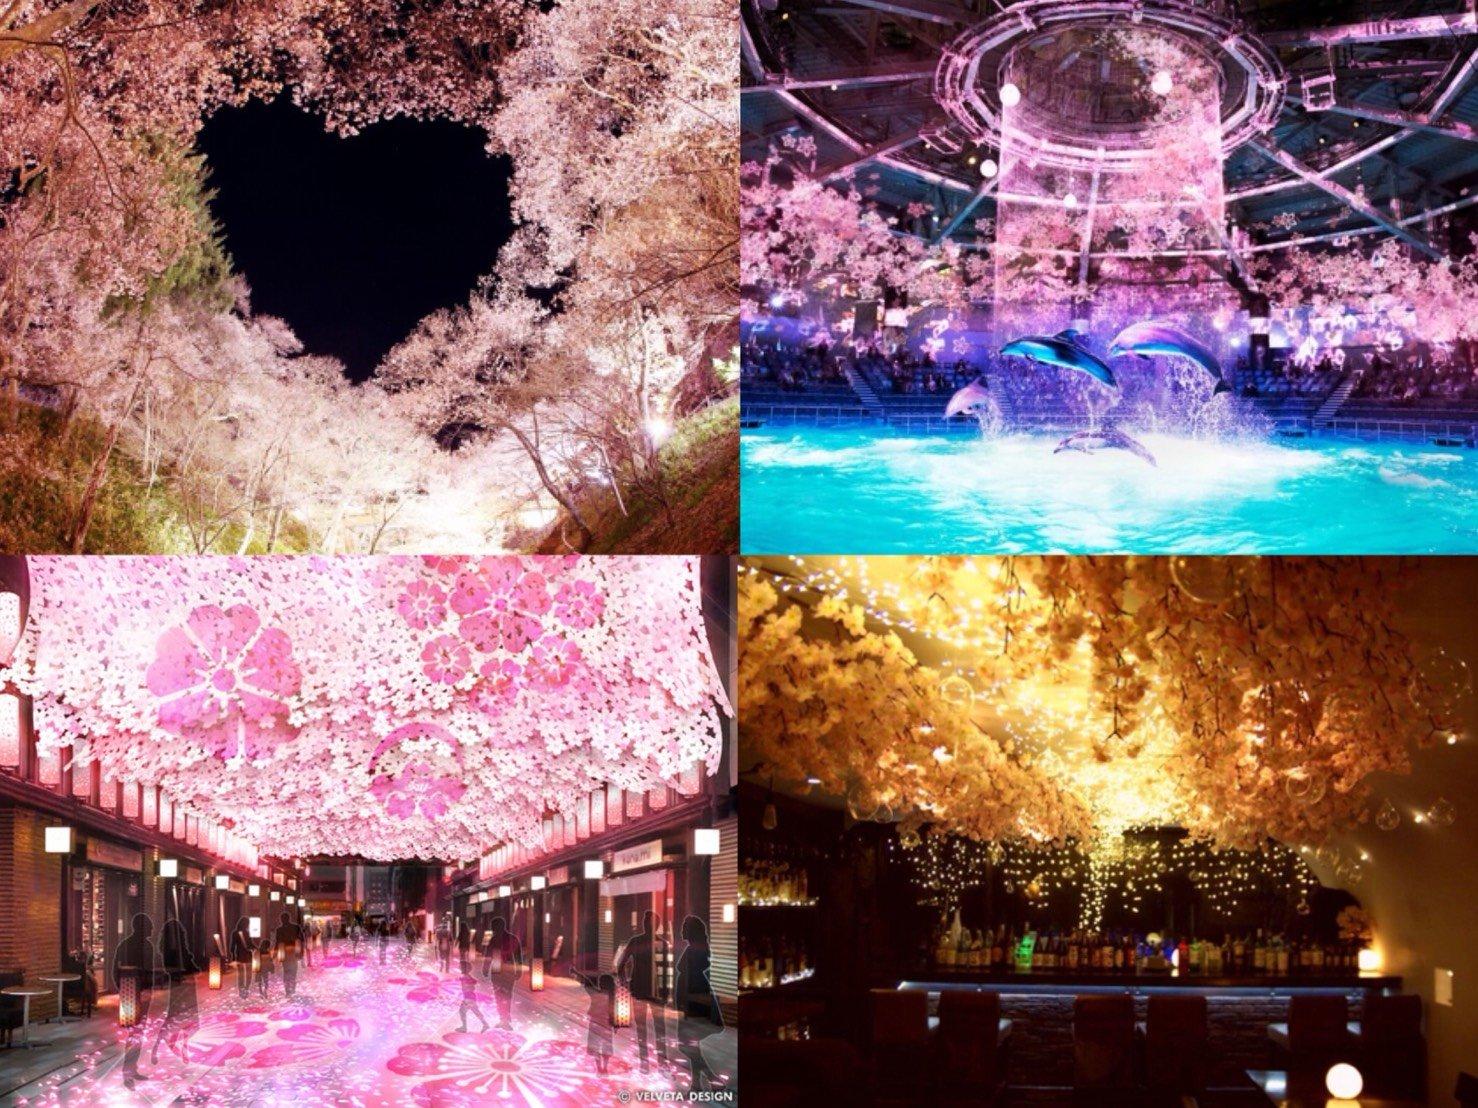 從每年慣例的櫻花祭到科技賞櫻都有!?2018日本賞櫻活動6選 在東京、櫻、